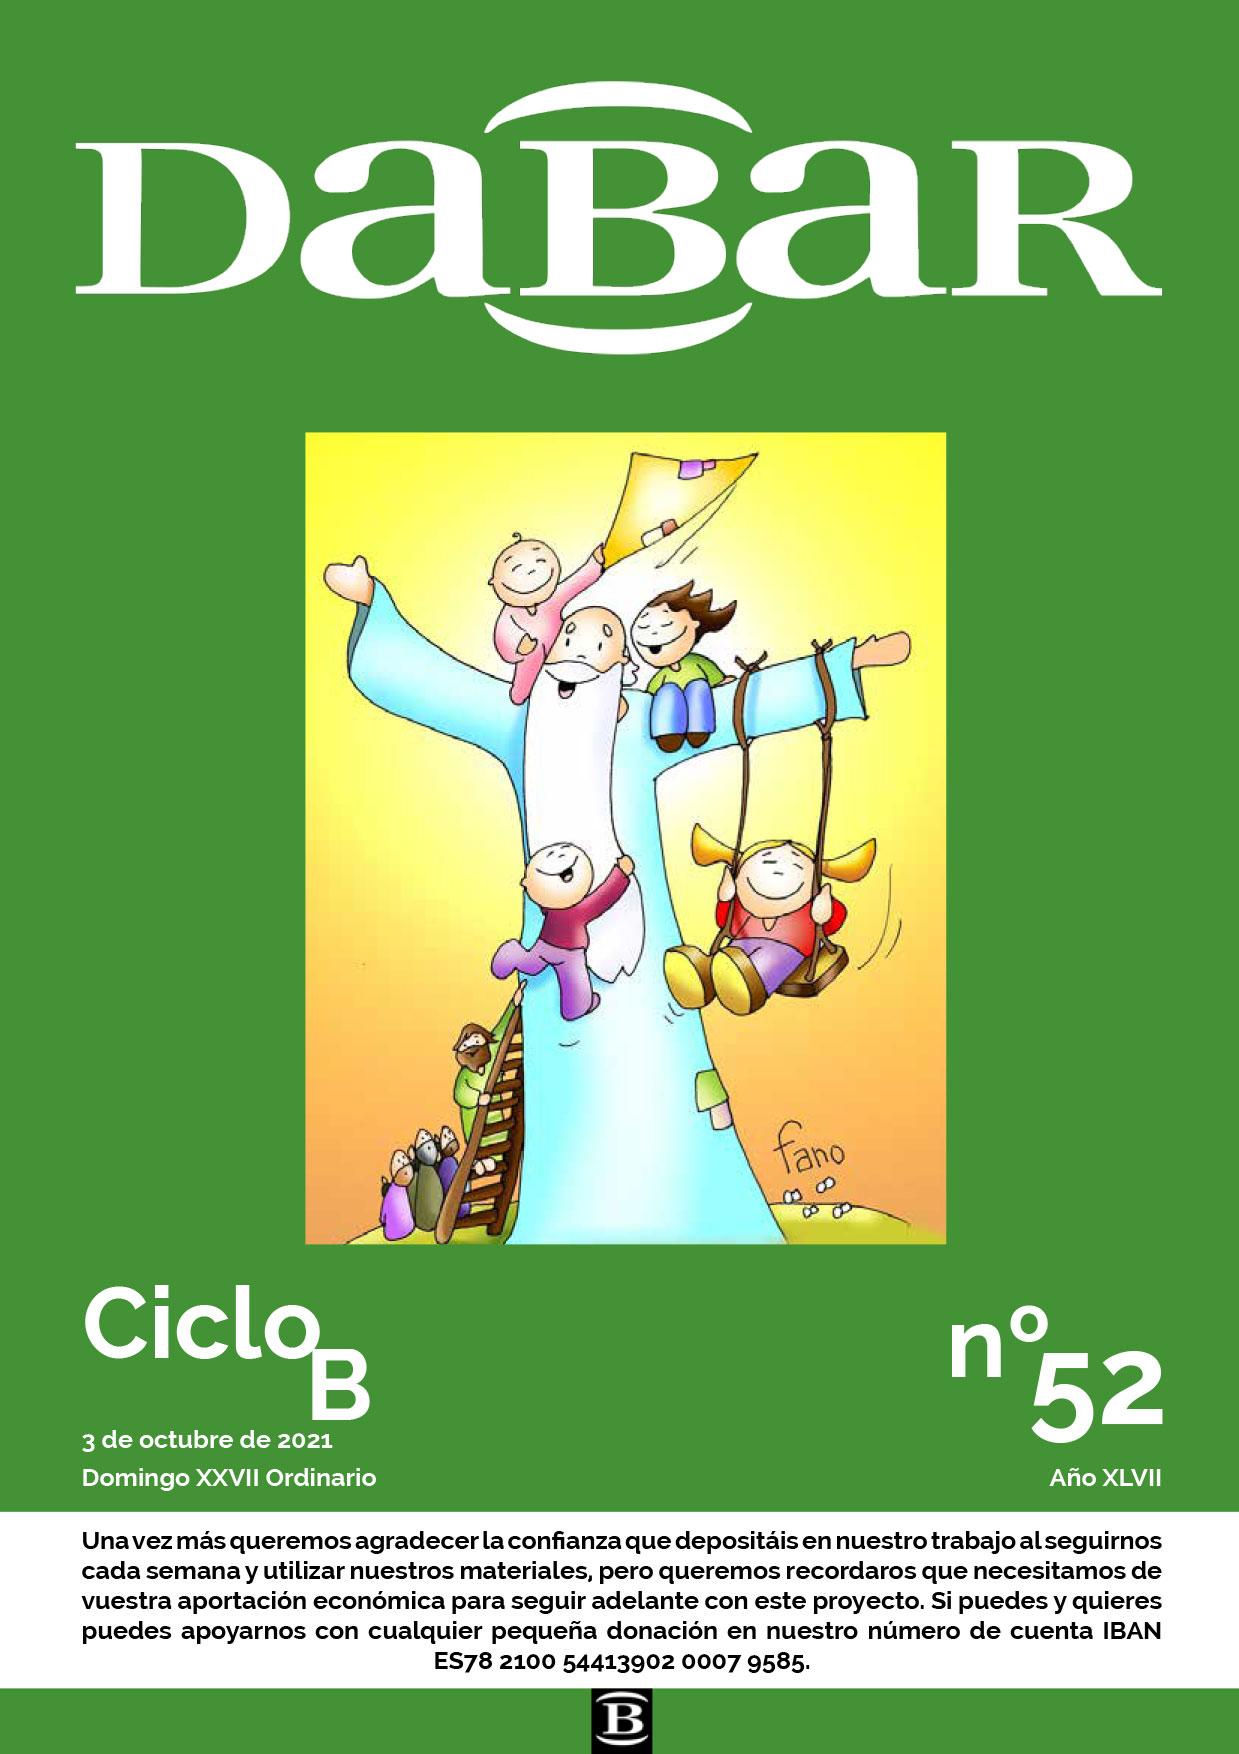 Dabar Revista numero 52 ciclo B